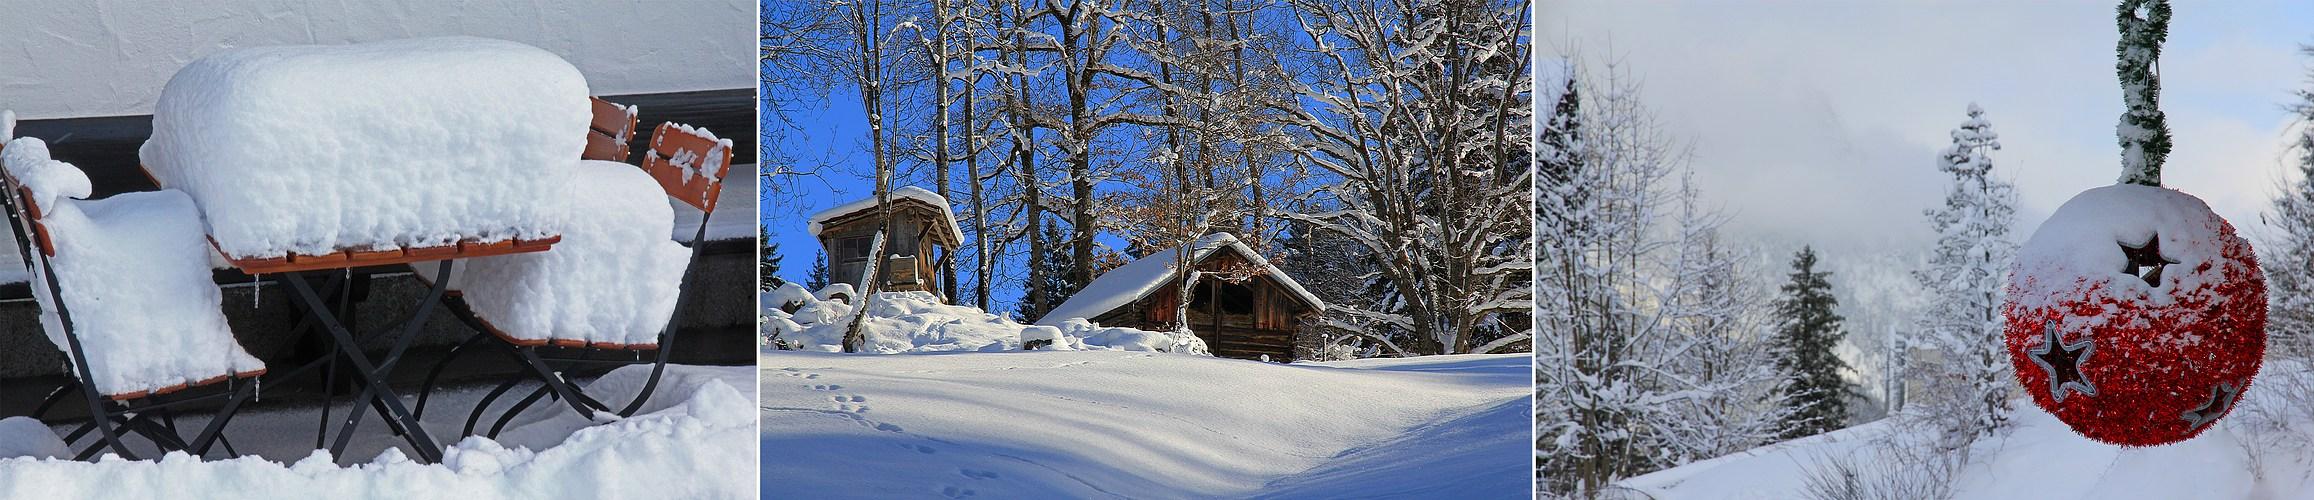 Winteranfang in Garmisch-Partenkirchen